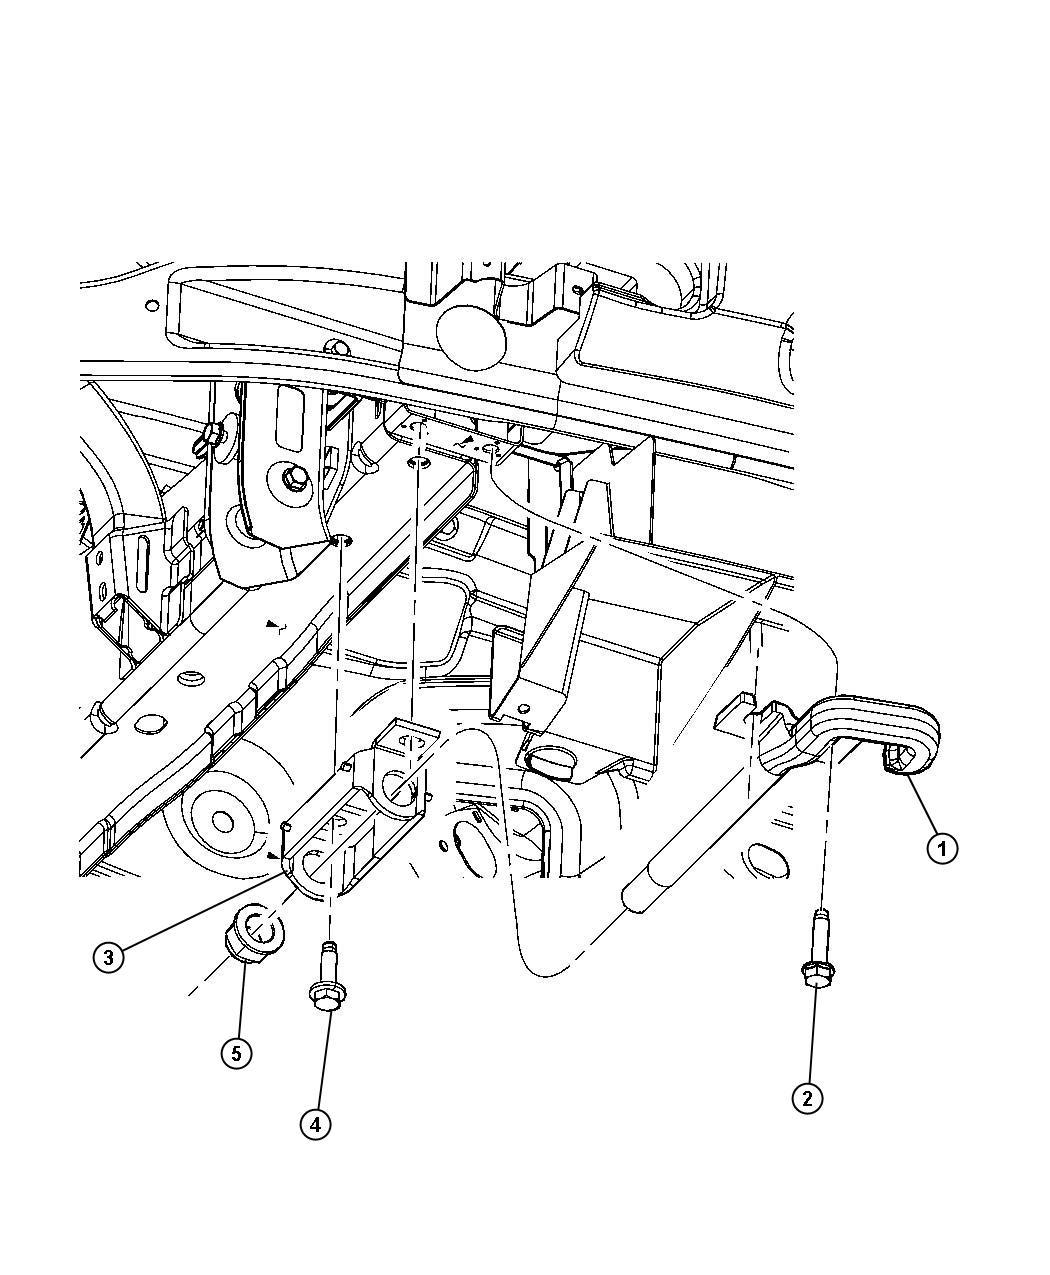 Dodge Magnum R/T 4x4, 5.7L V8 HEMI MDS VCT, 5-Spd